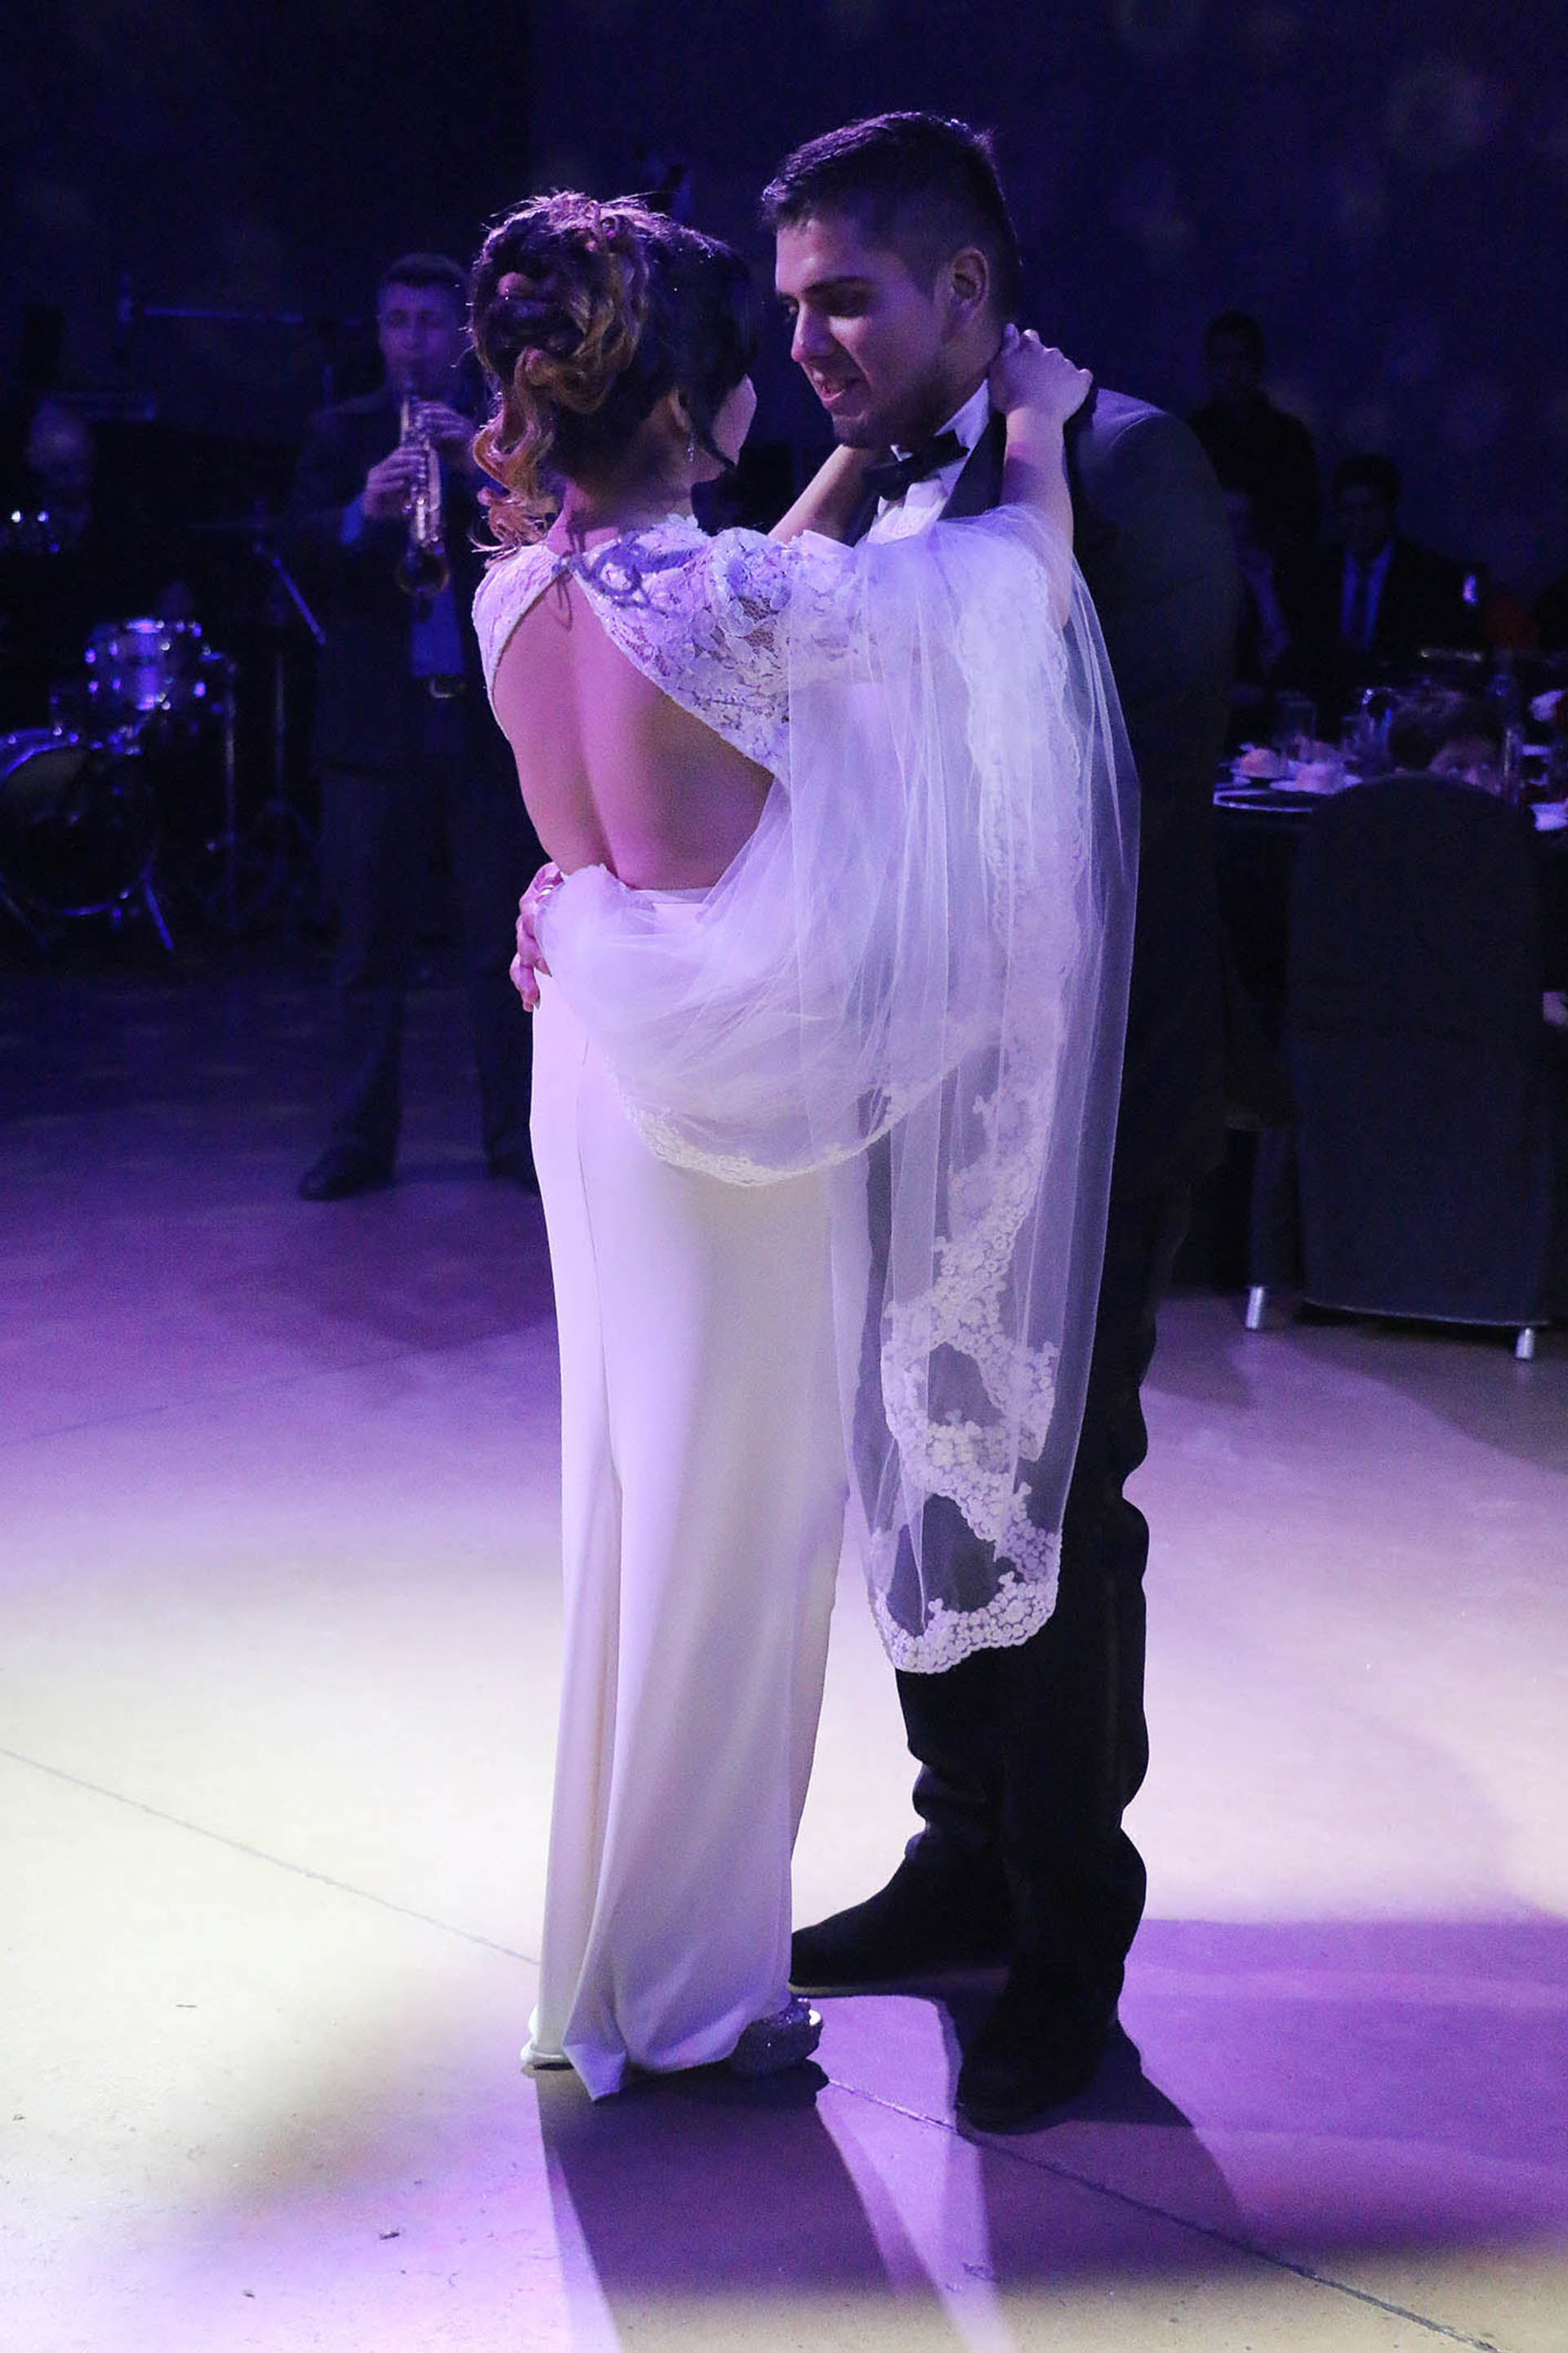 La pareja bailando